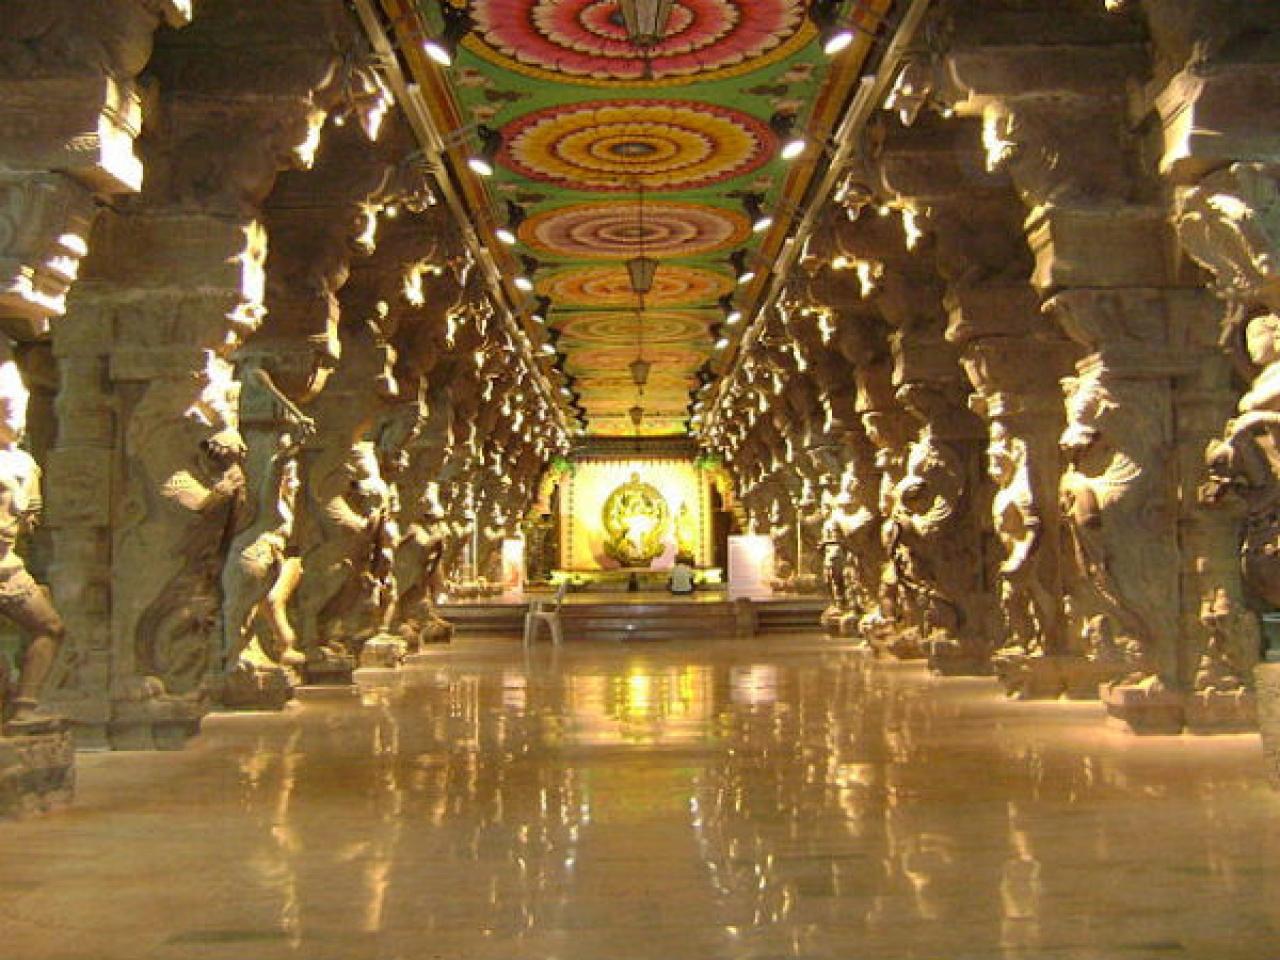 The thousand-pillar corridor of Madurai Meenakshi Temple.